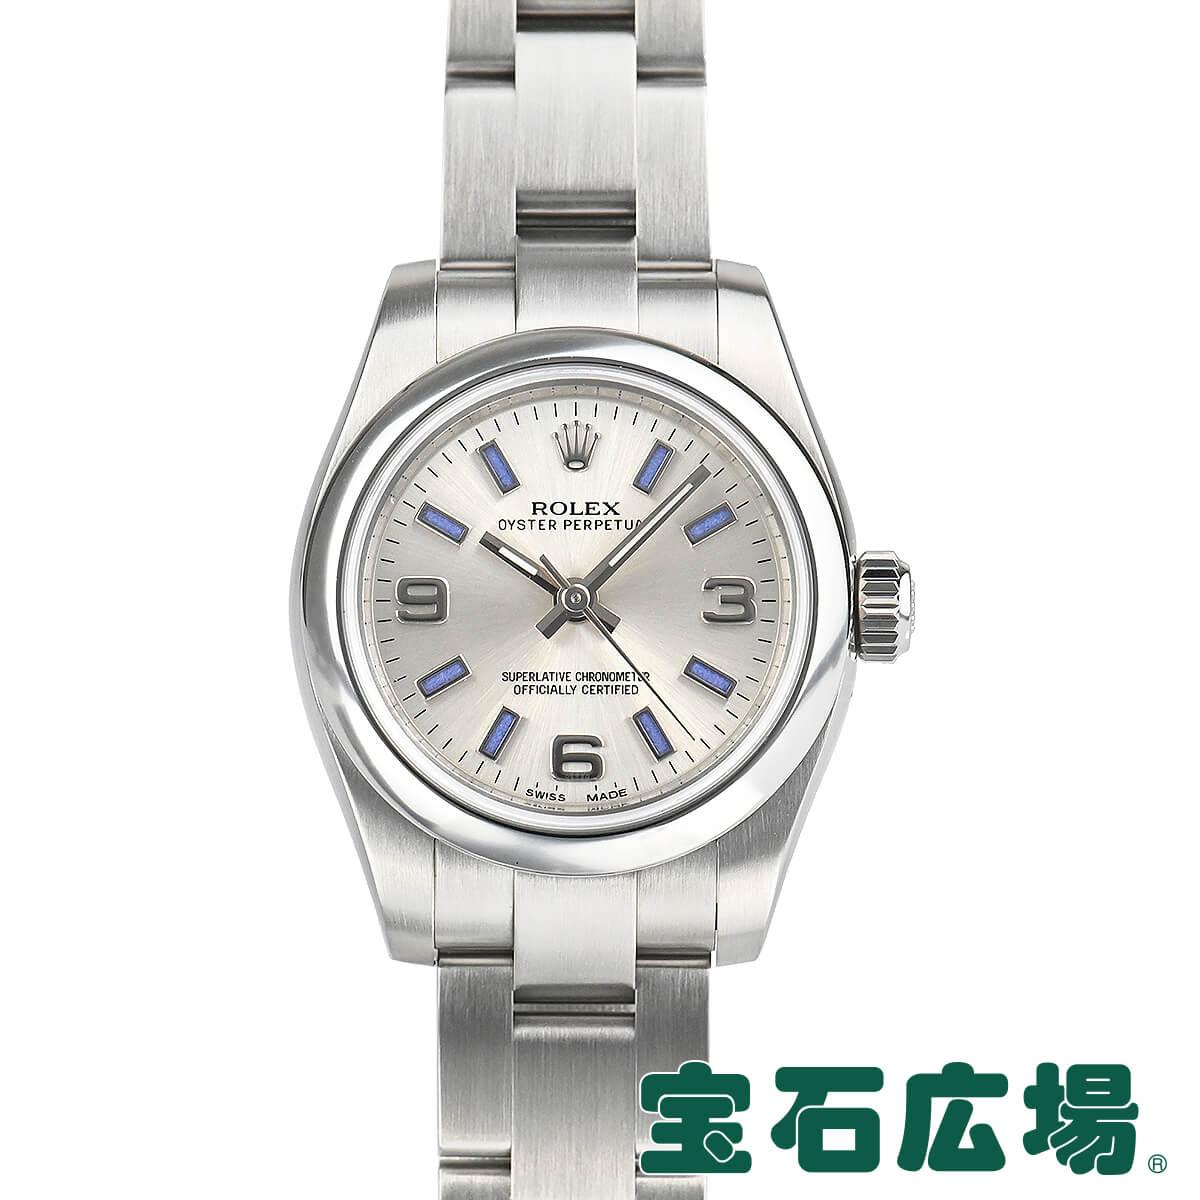 ロレックス オイスターパーペチュアル26 爆買いセール 176200 中古 国内送料無料 腕時計 レディース 送料無料 ROLEX